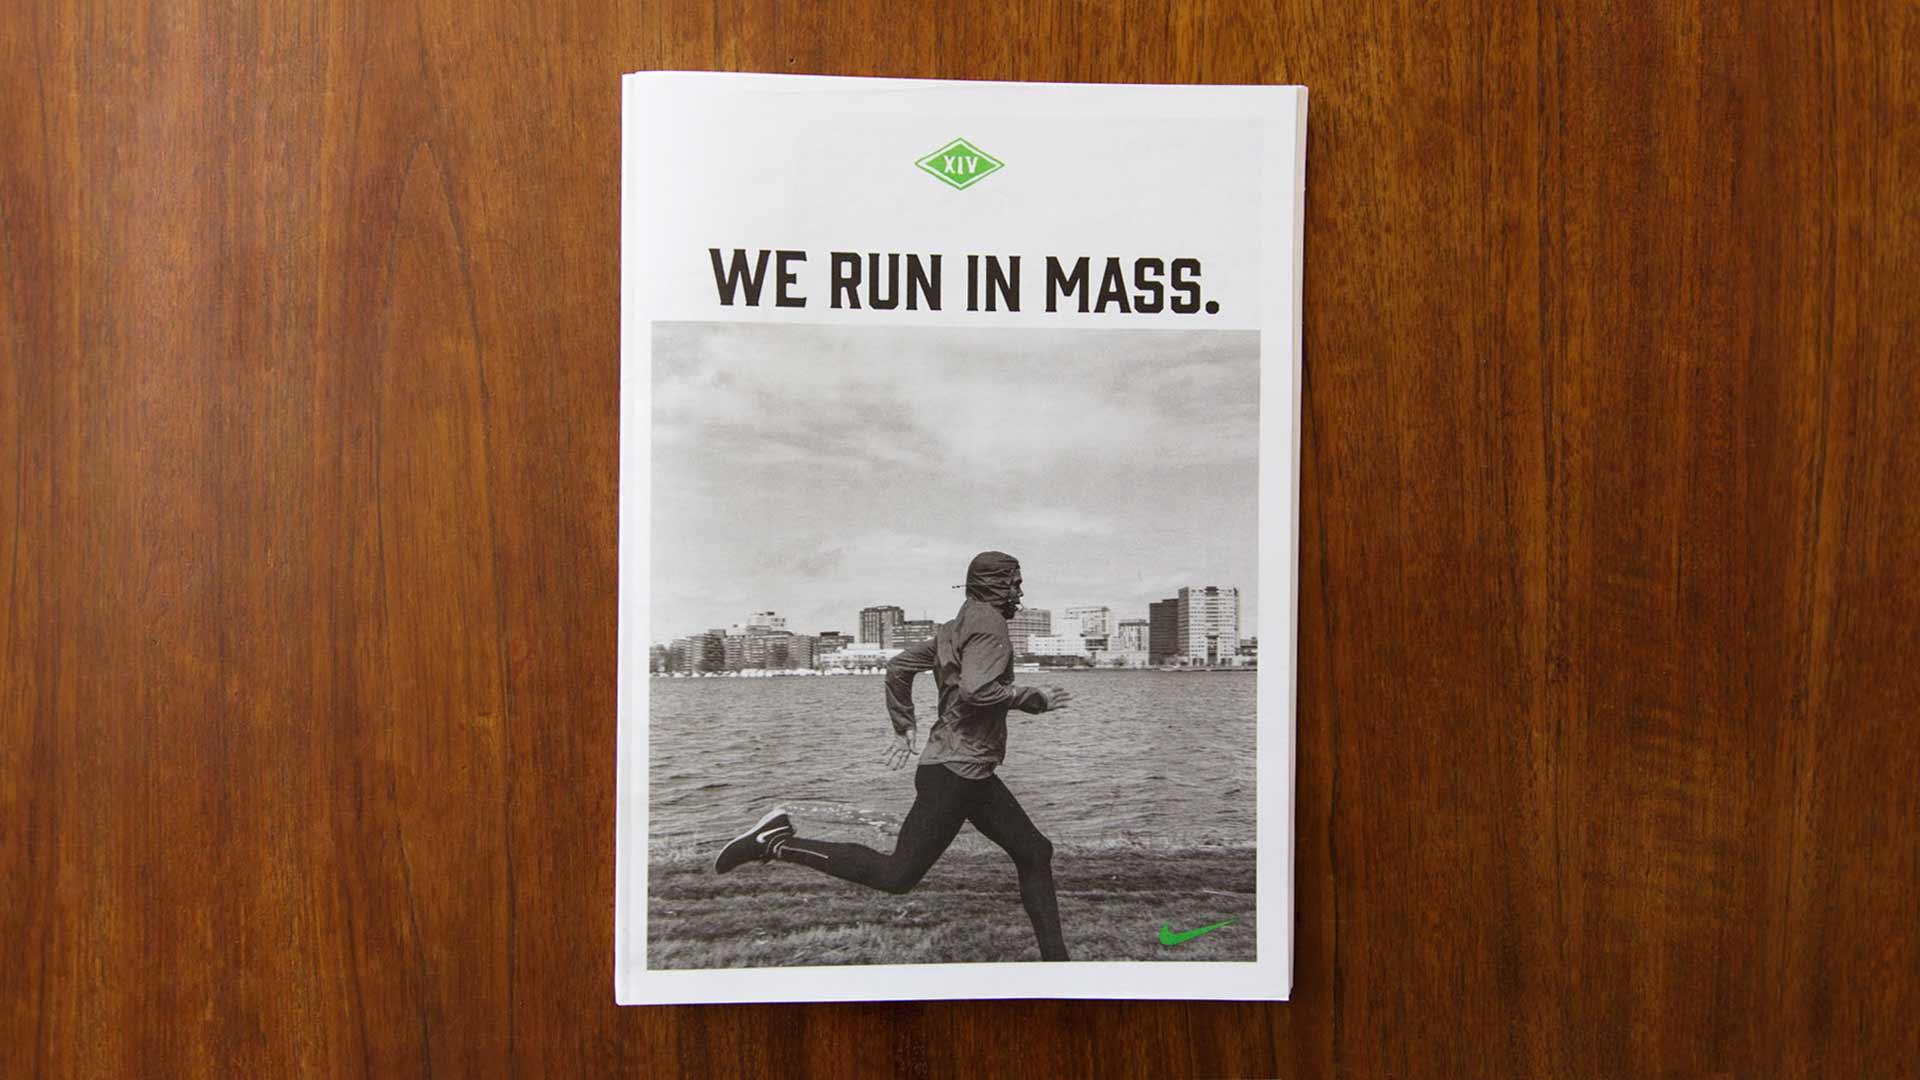 Nike_We_Run_In_Mass_Preacher_1.jpg